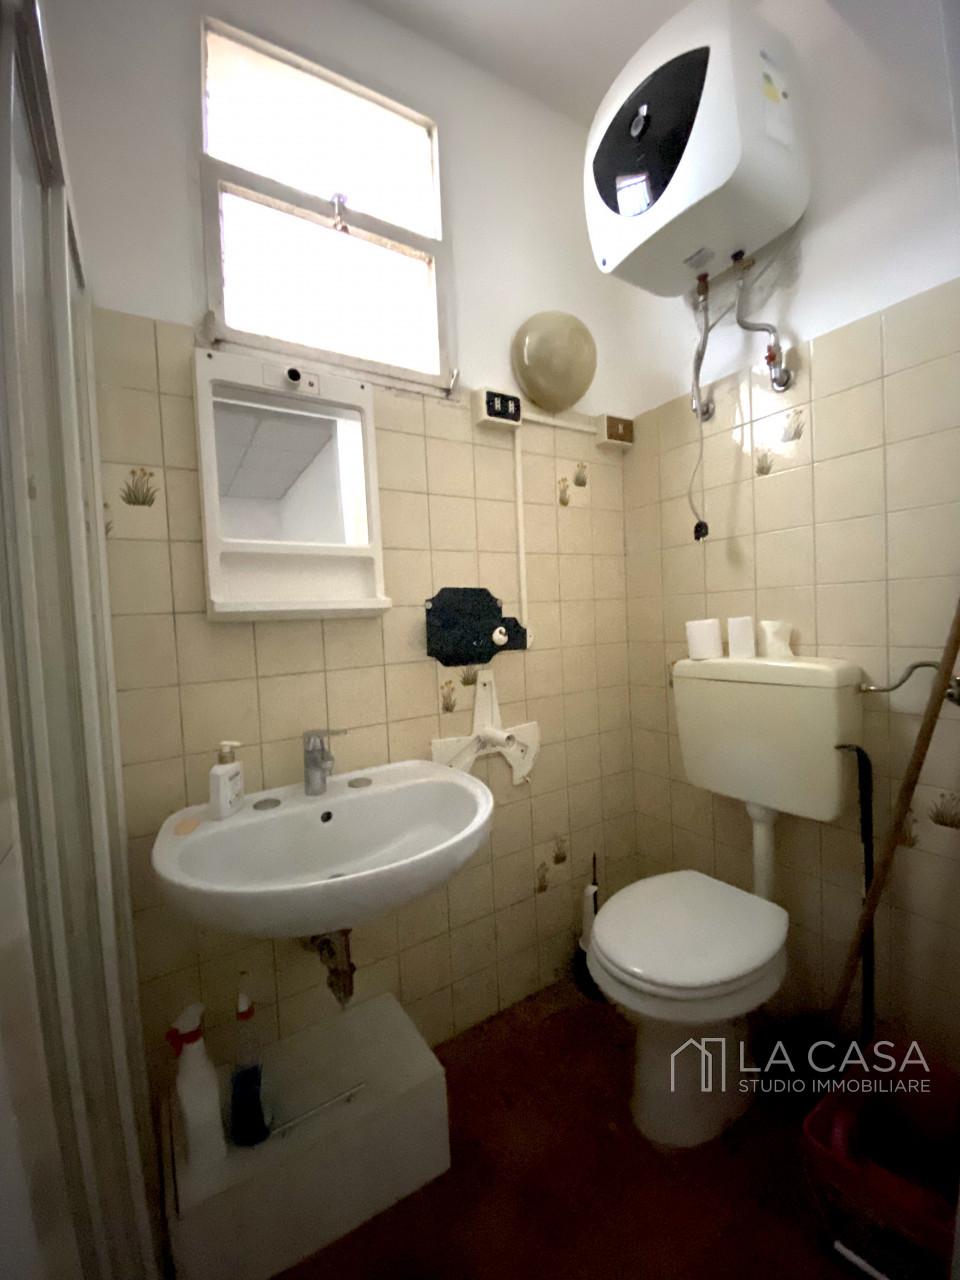 Luminoso Negozio in vendita ad Aviano zona Centrale - Rif. N3 https://images.gestionaleimmobiliare.it/foto/annunci/201002/2314199/1280x1280/999__img_3971_wmk_0.jpg